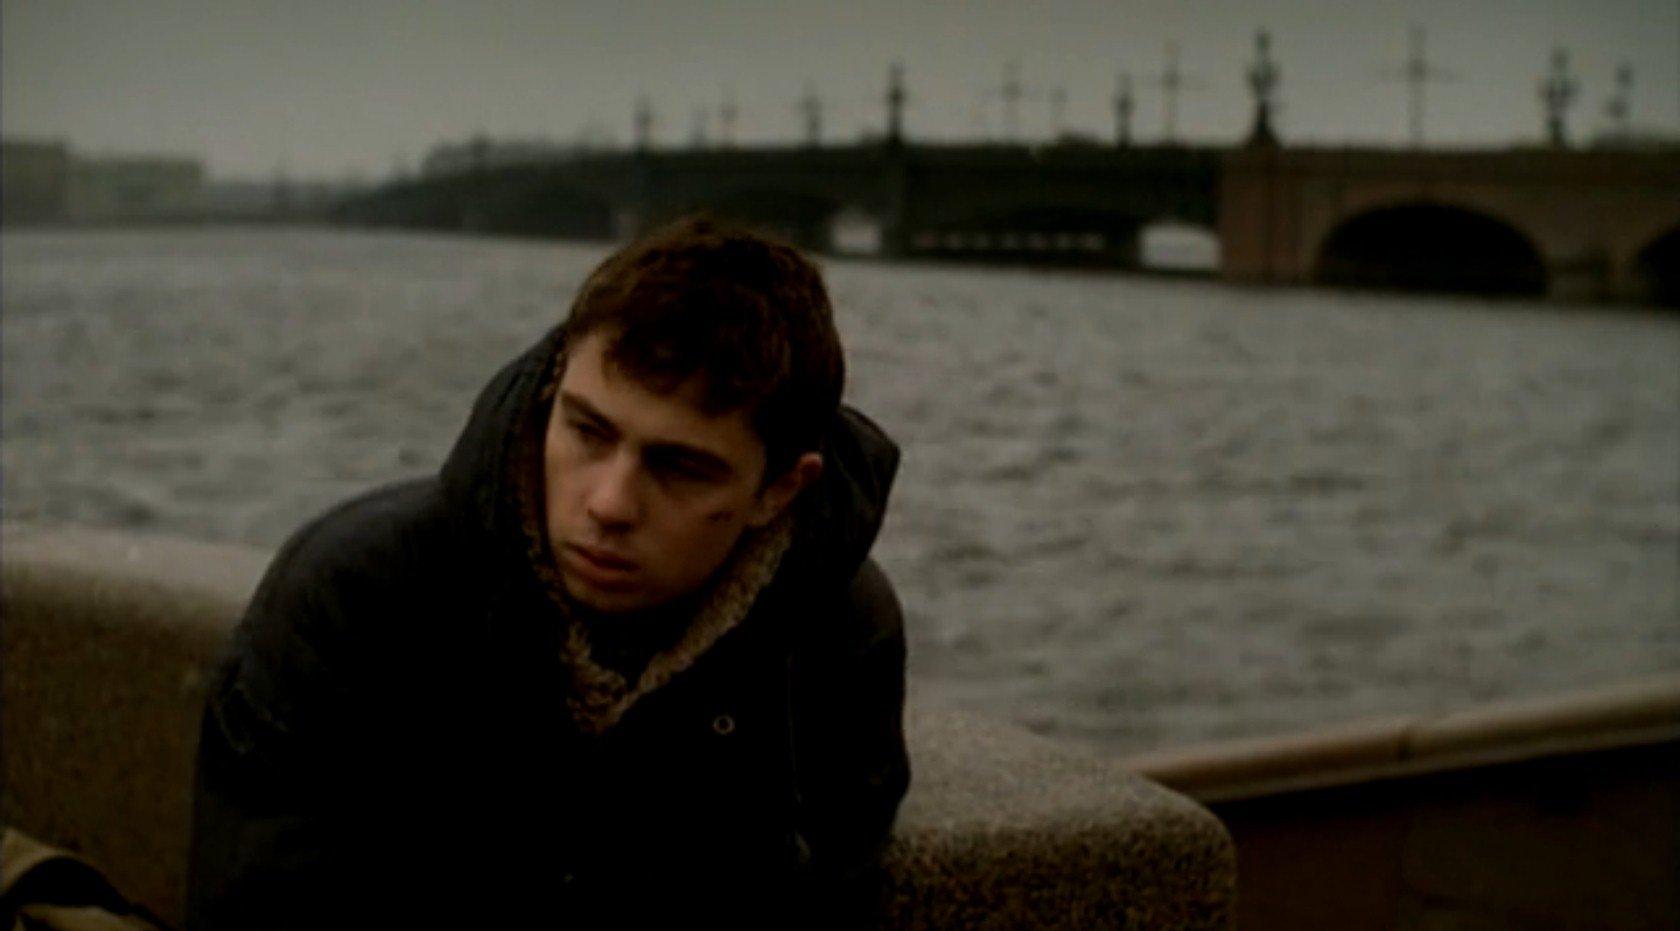 Brat erzählt die Geschichte eines Jungen aus dem Volk, auf der Suche nach seiner Bestimmung in der neuen Gesellschaft / Fotos © CTB Film Company